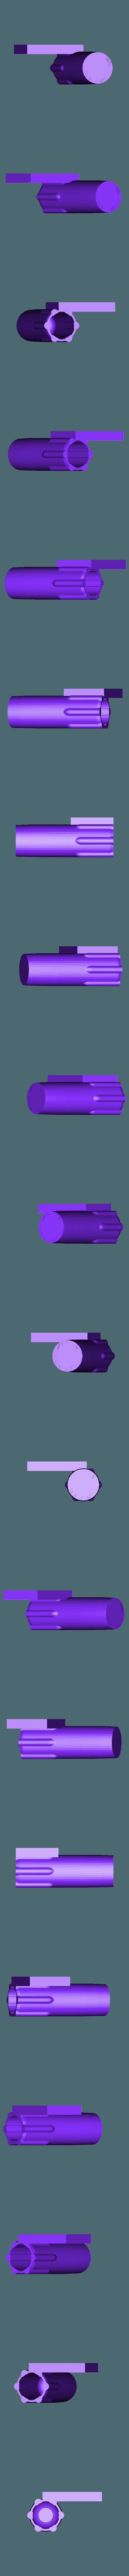 sharpie_holder.stl Télécharger fichier STL gratuit porte-mètre à ruban • Design pour imprimante 3D, Punisher_4u